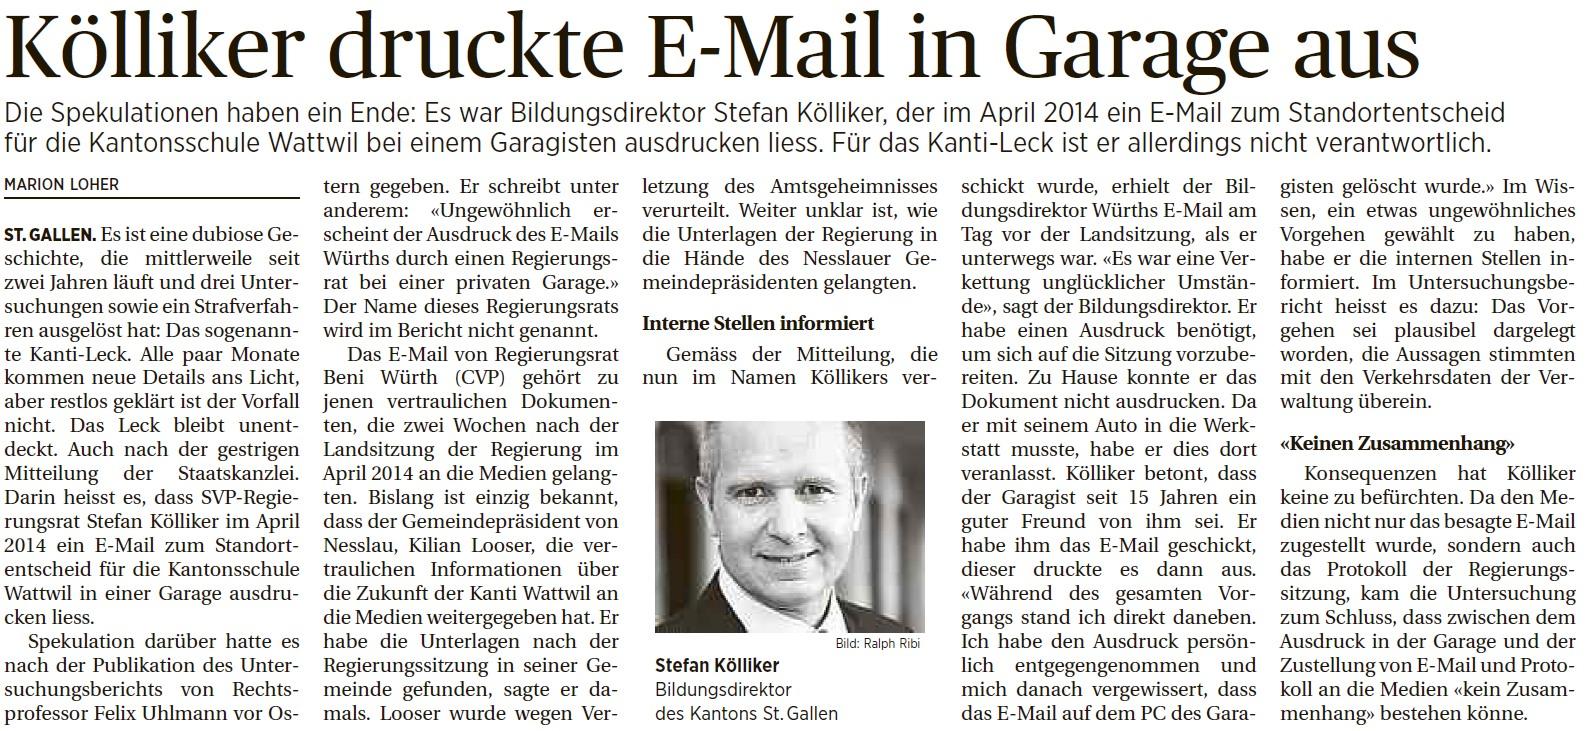 Kölliker druckte E-Mail in Garage aus (Donnerstag, 07.04.2016)